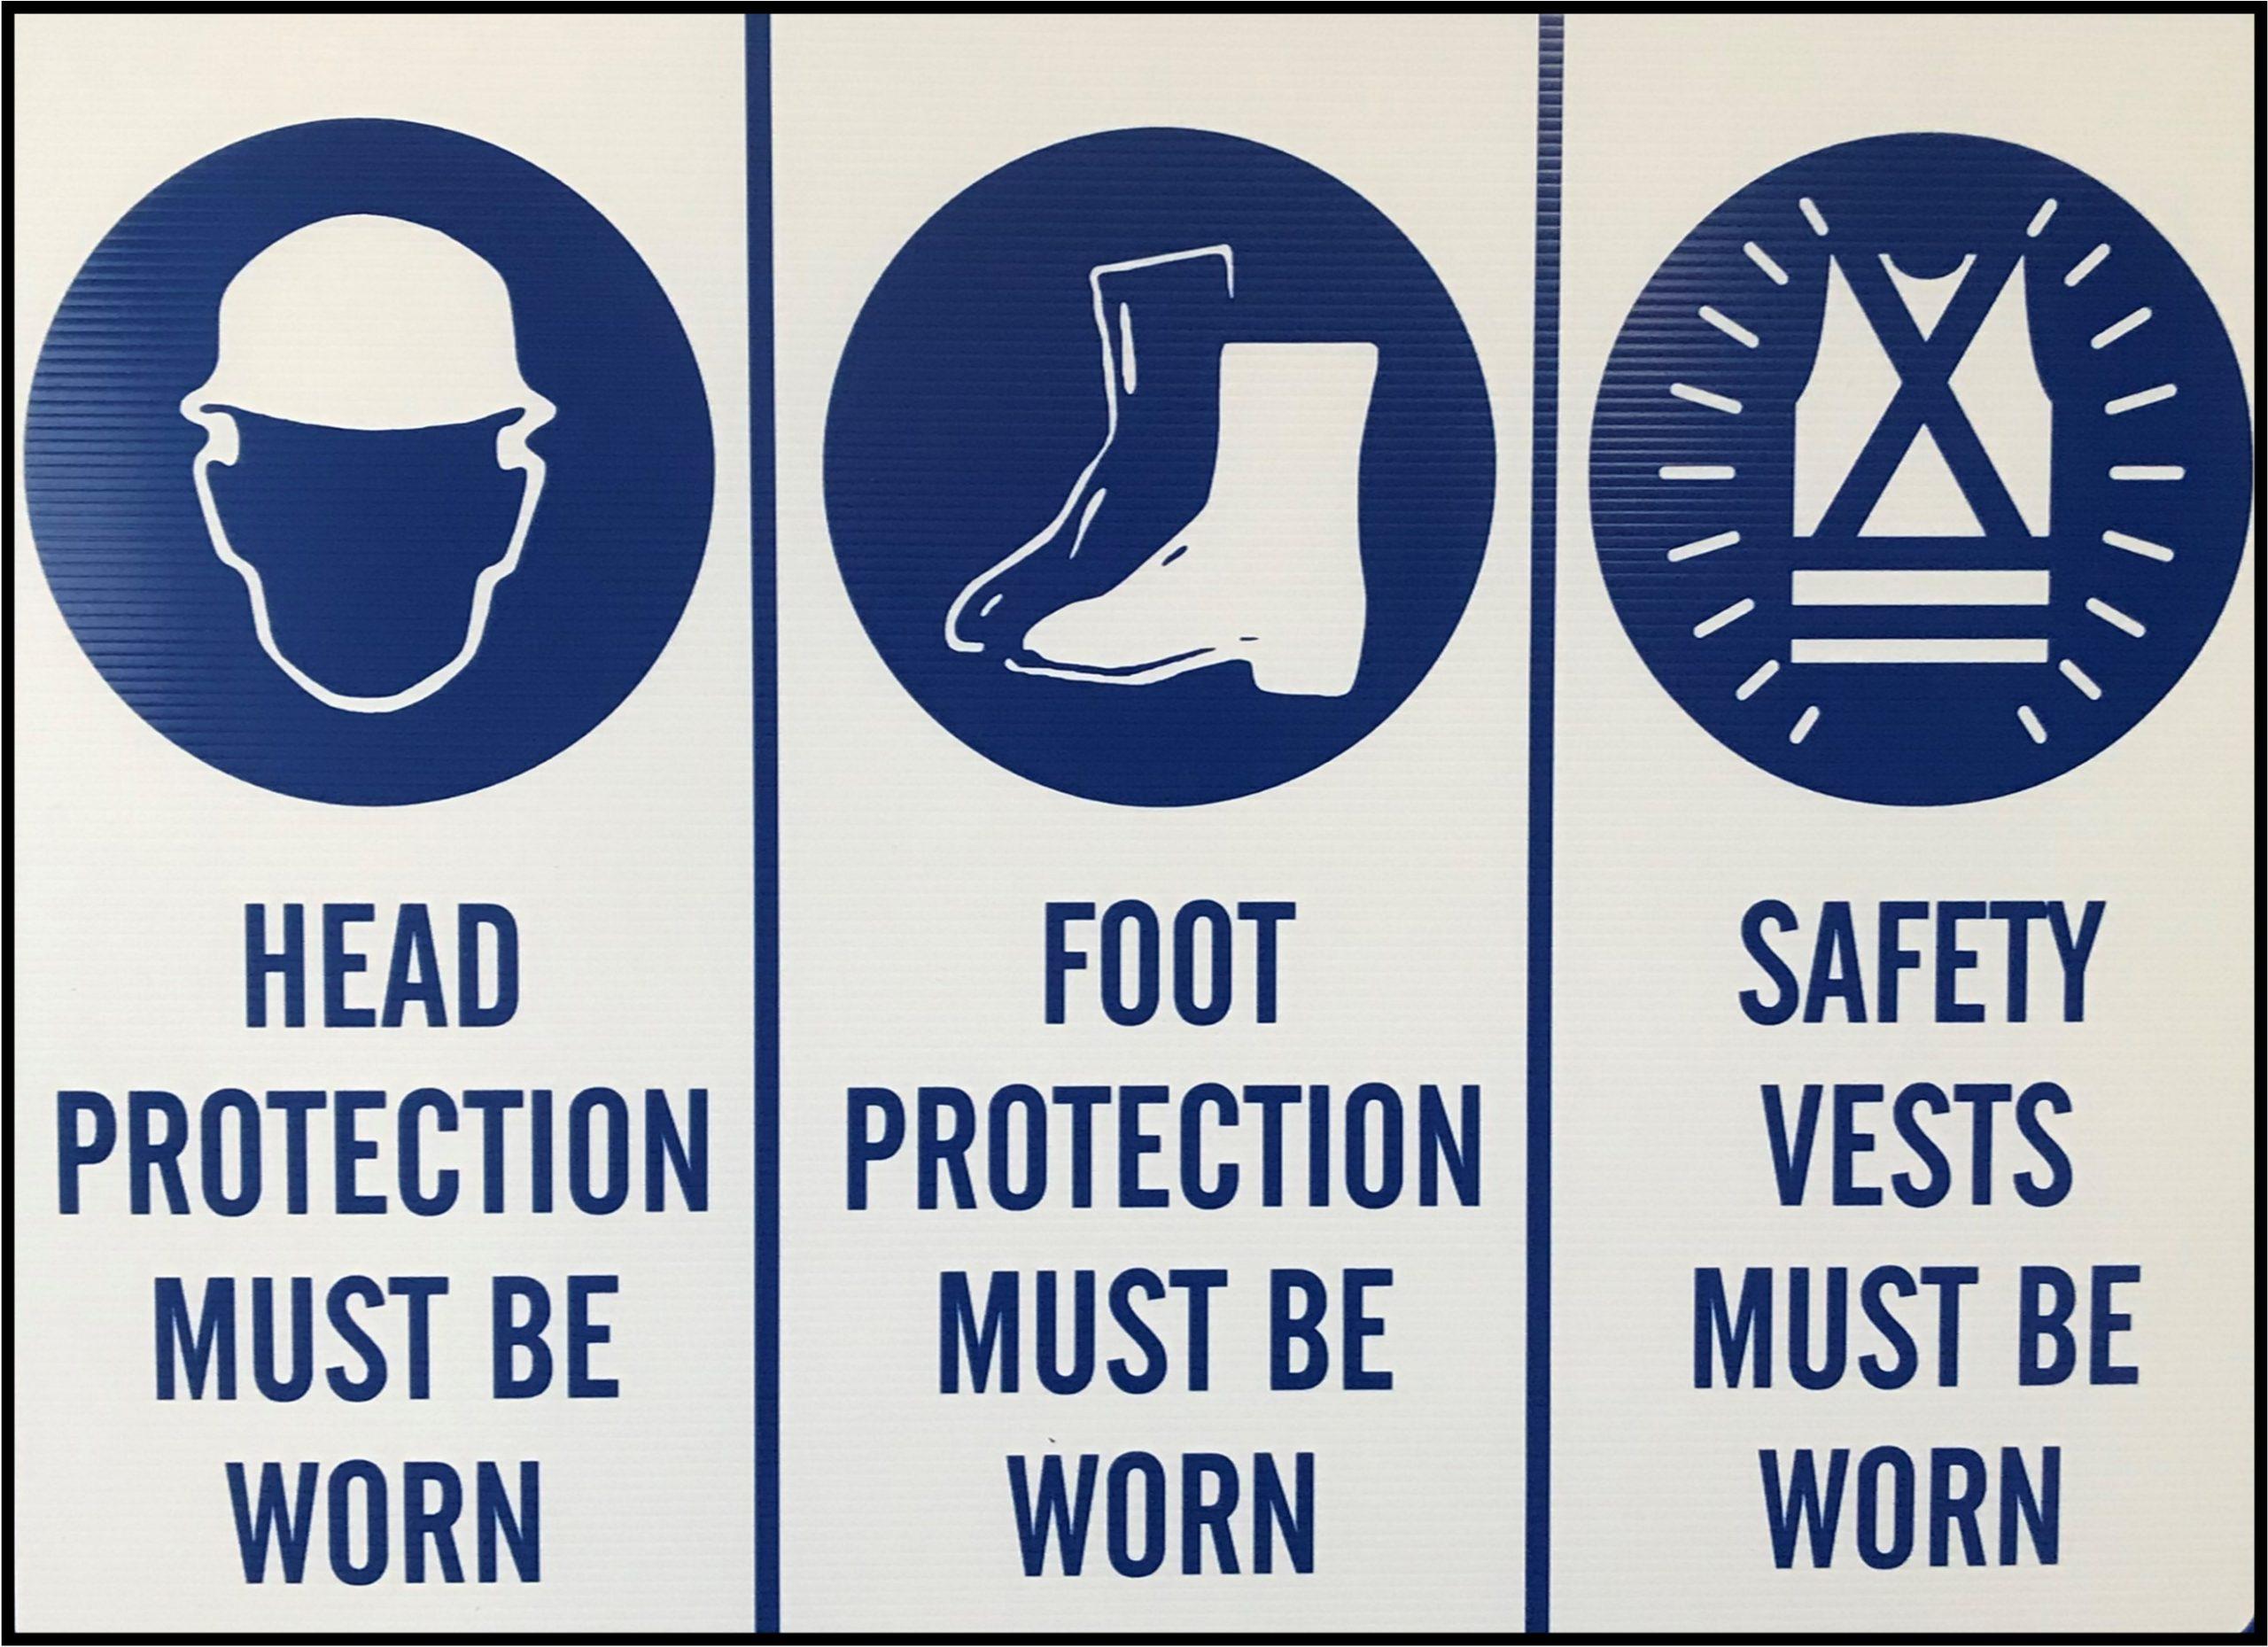 safety vest sign